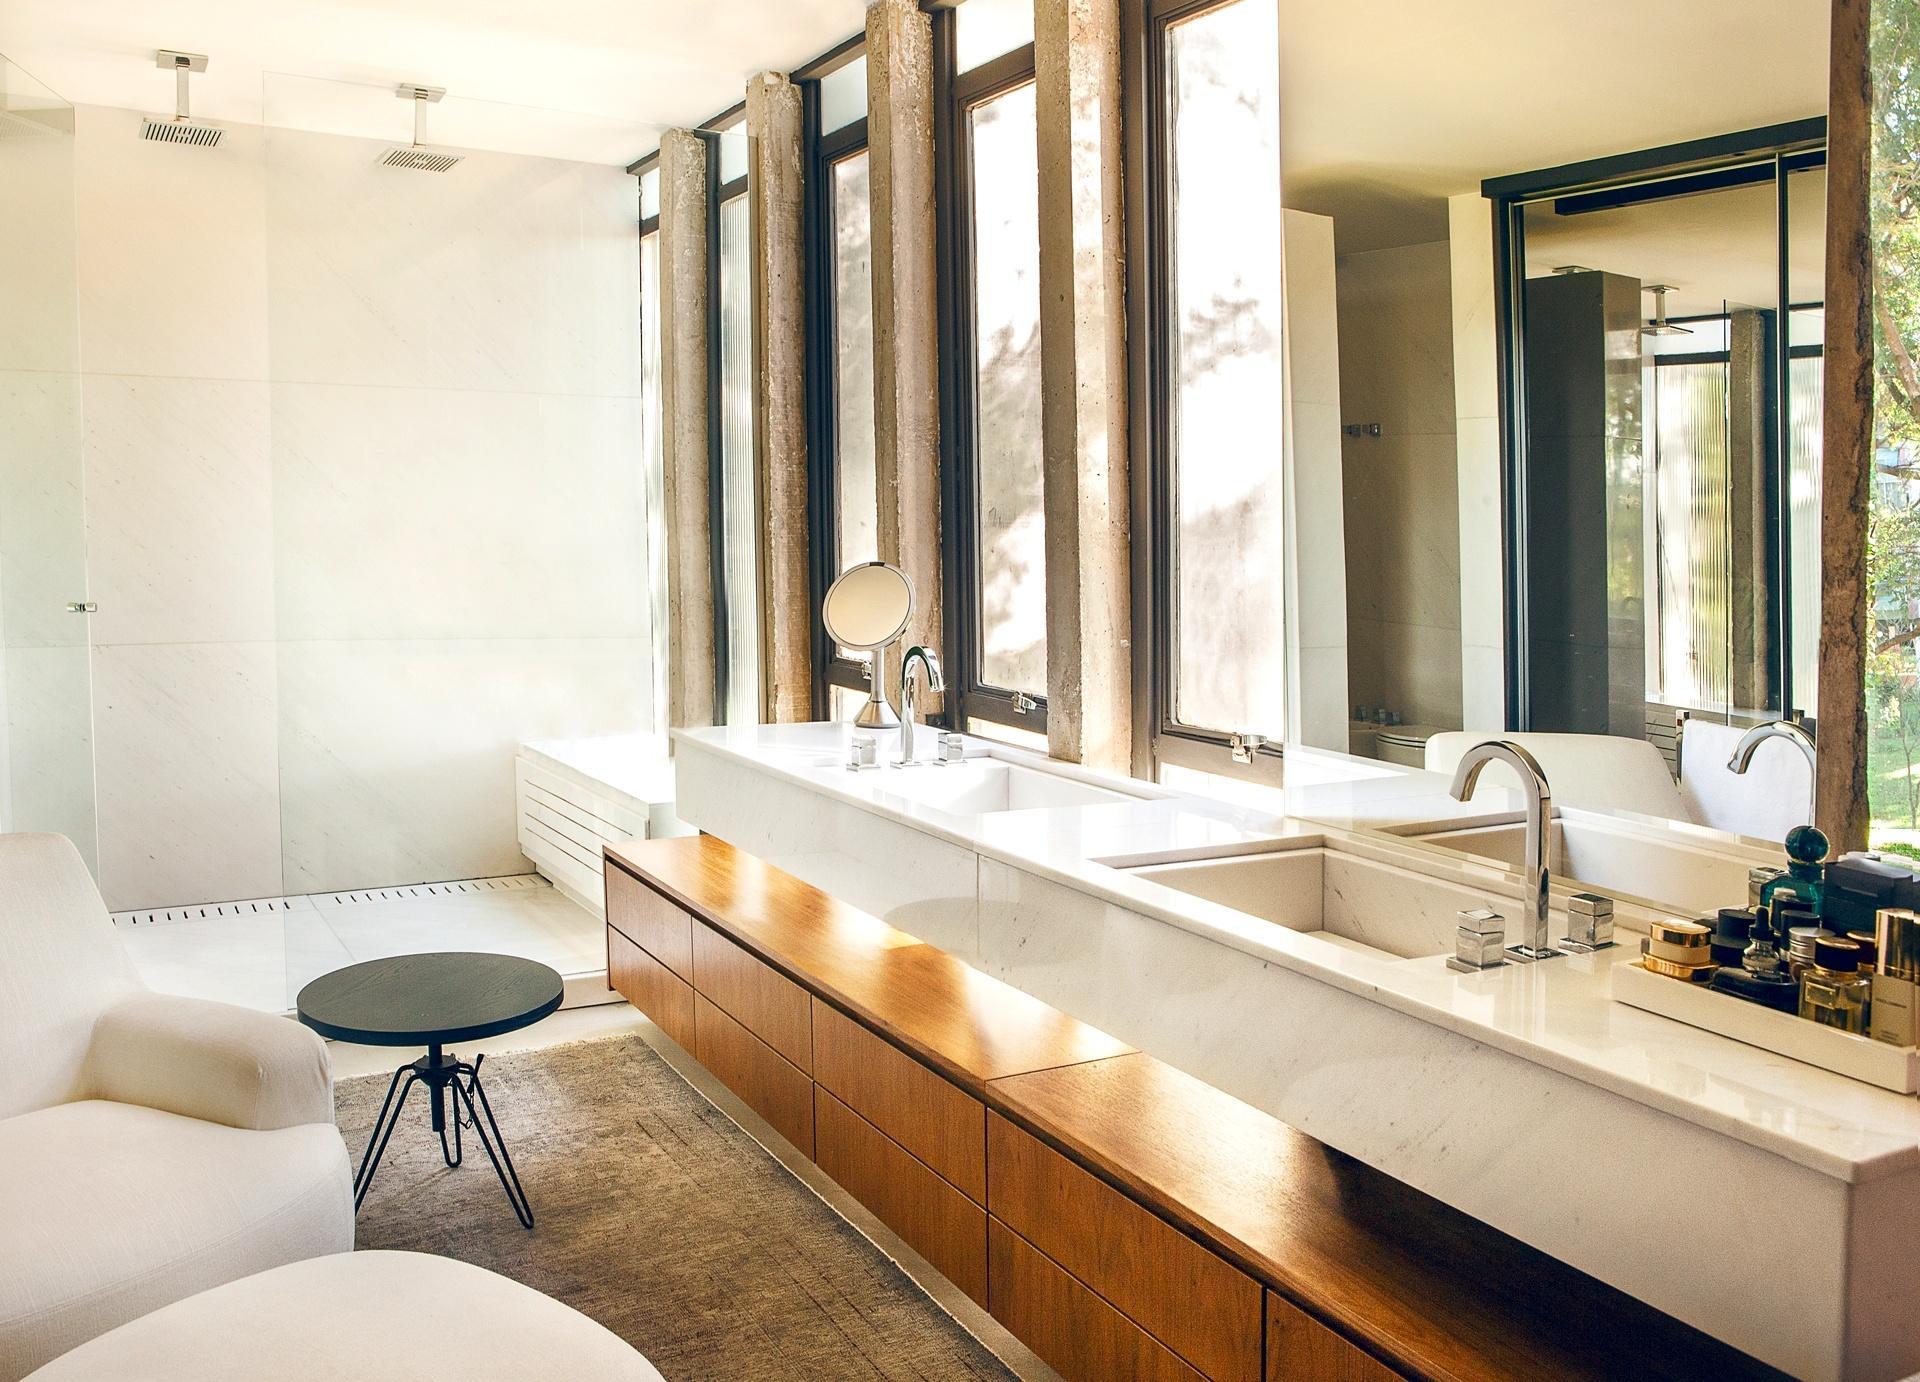 banheiro sob a bancada com duas cubas um gabinete generoso. Ainda no #724723 1920x1382 Bancada Banheiro Duas Cubas